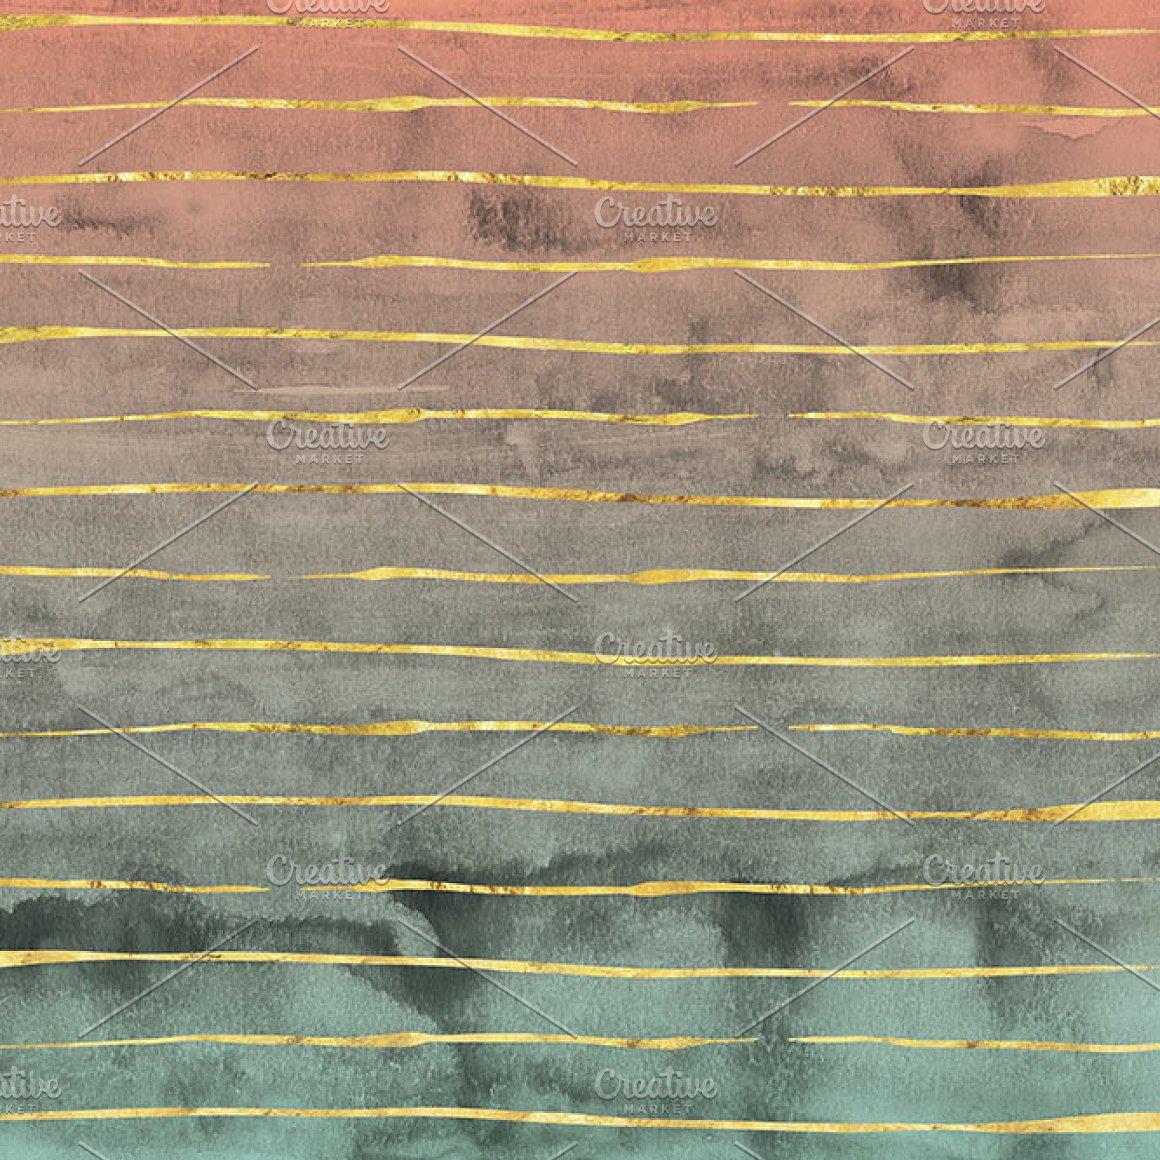 12款精致金线有机形状图片设计素材 Novembers Garden Golden Glimmer插图4